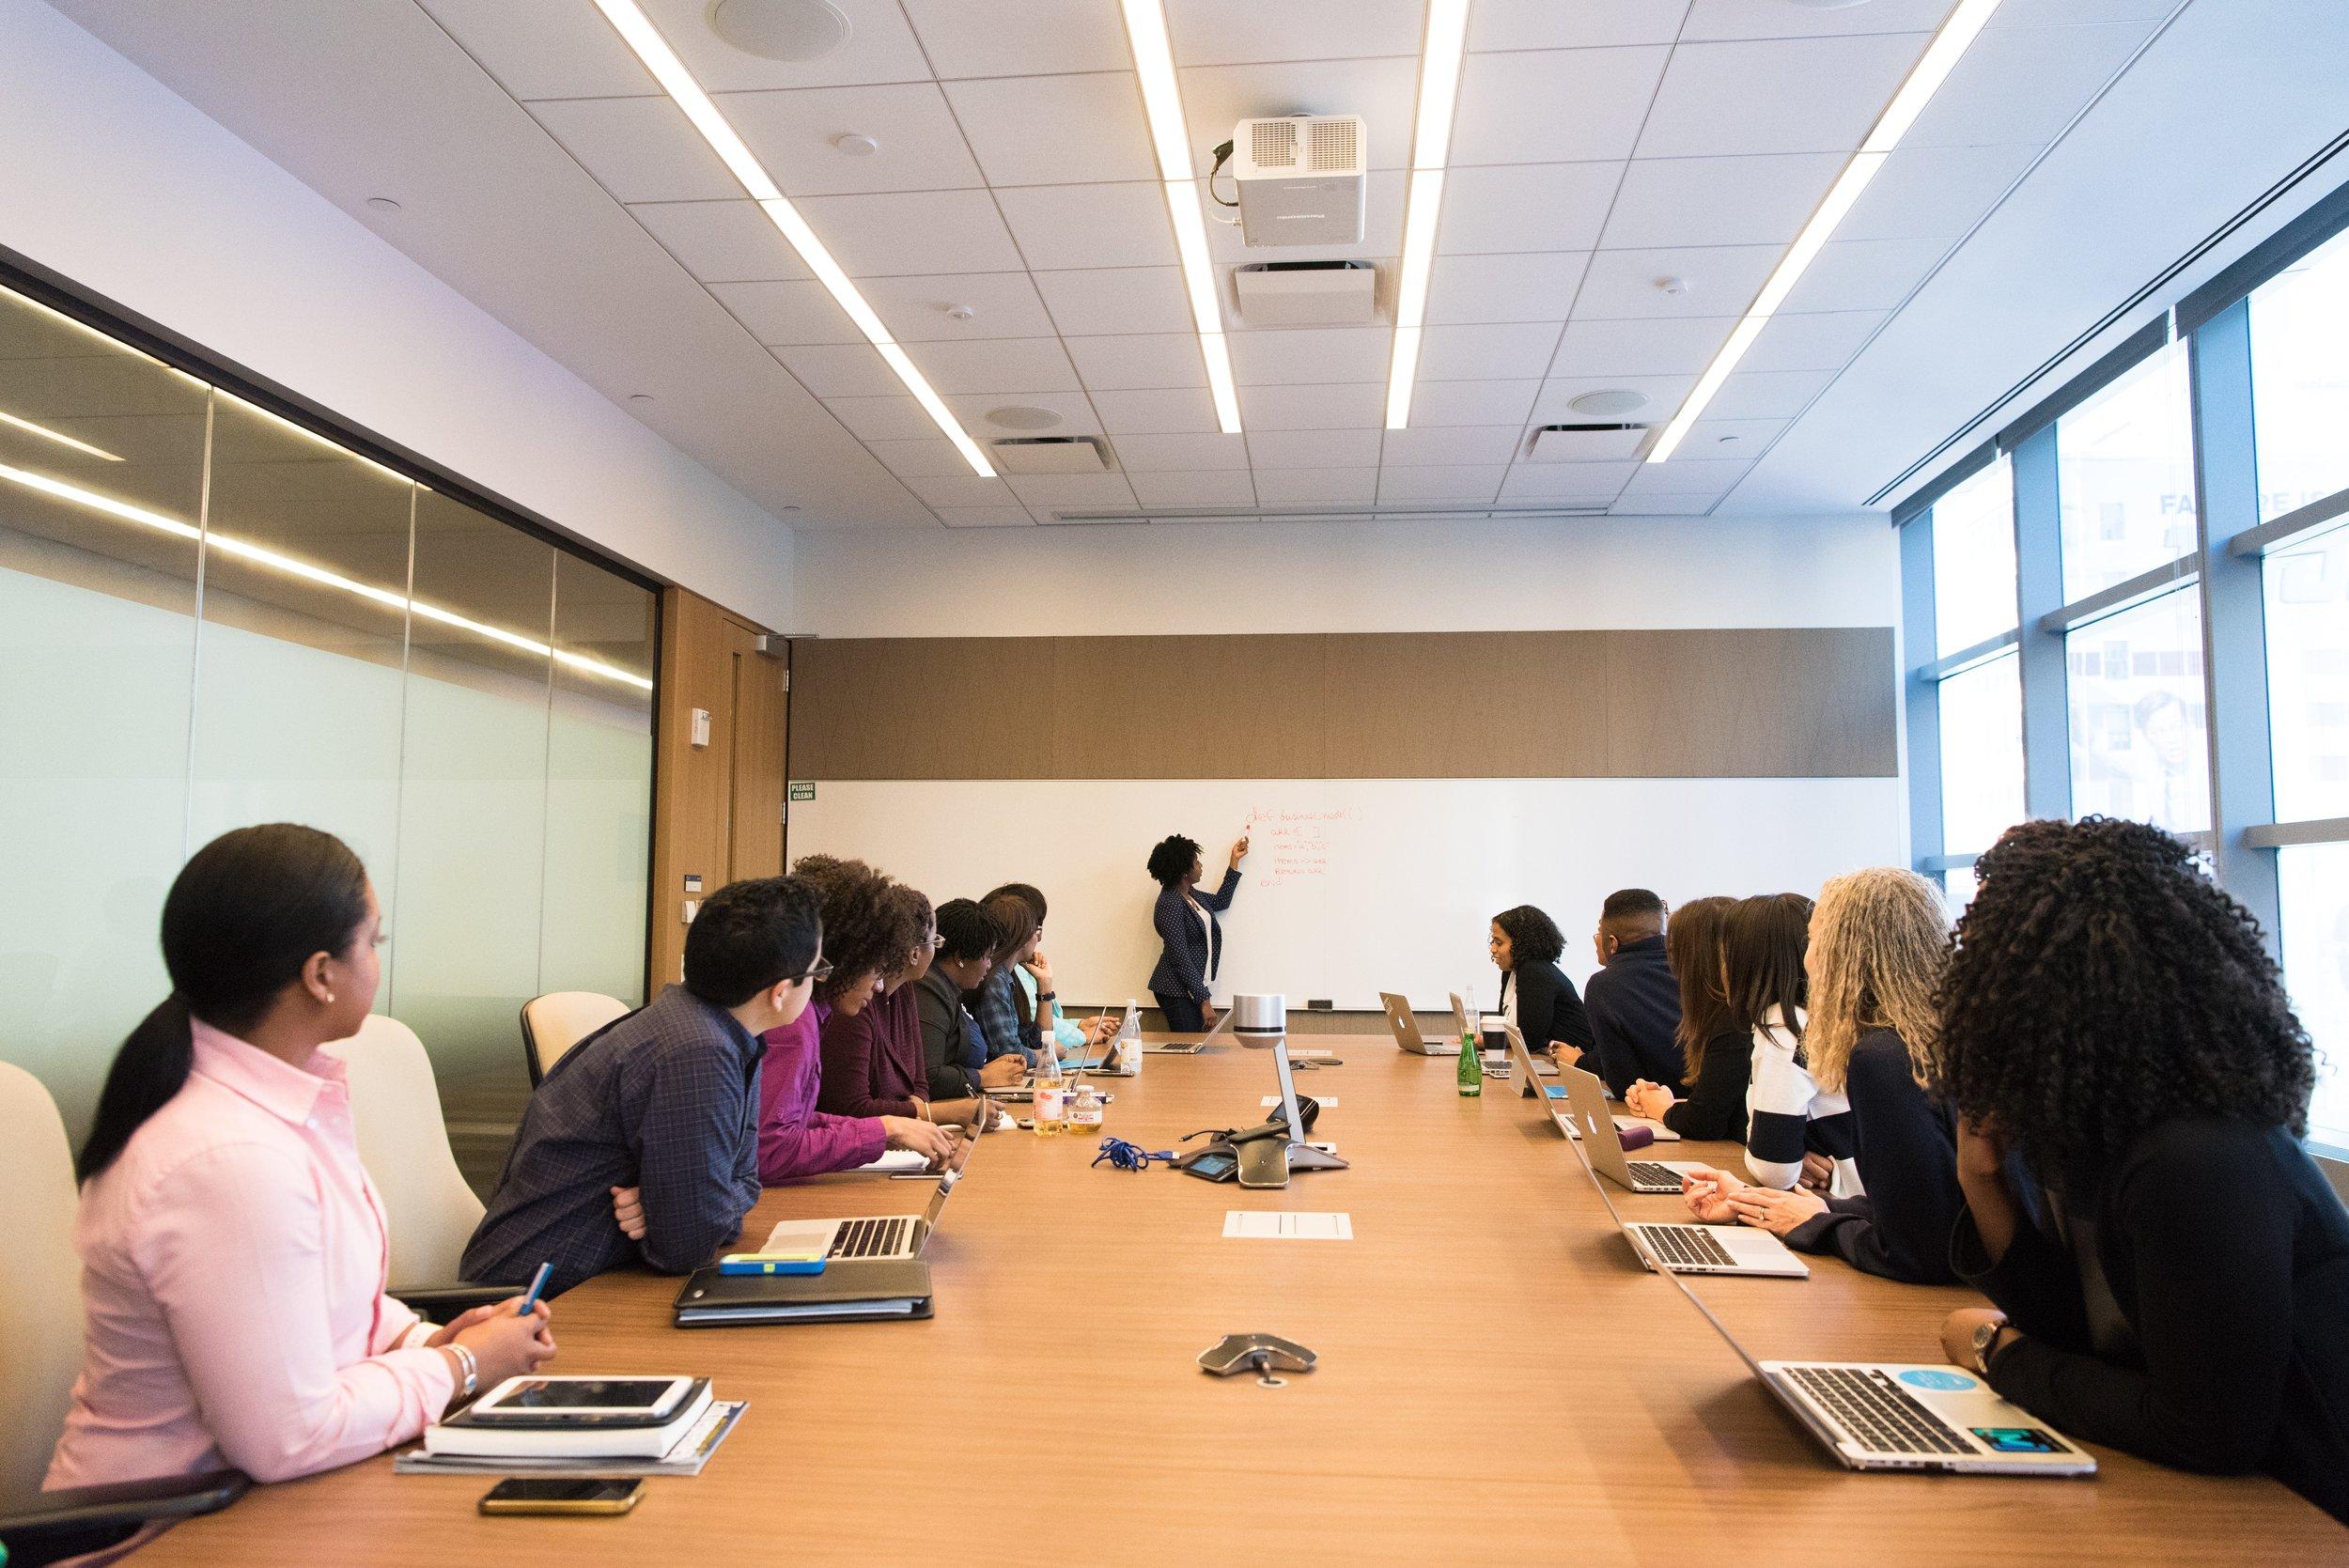 conference-conference-room-digital-nomad-1181396.jpg